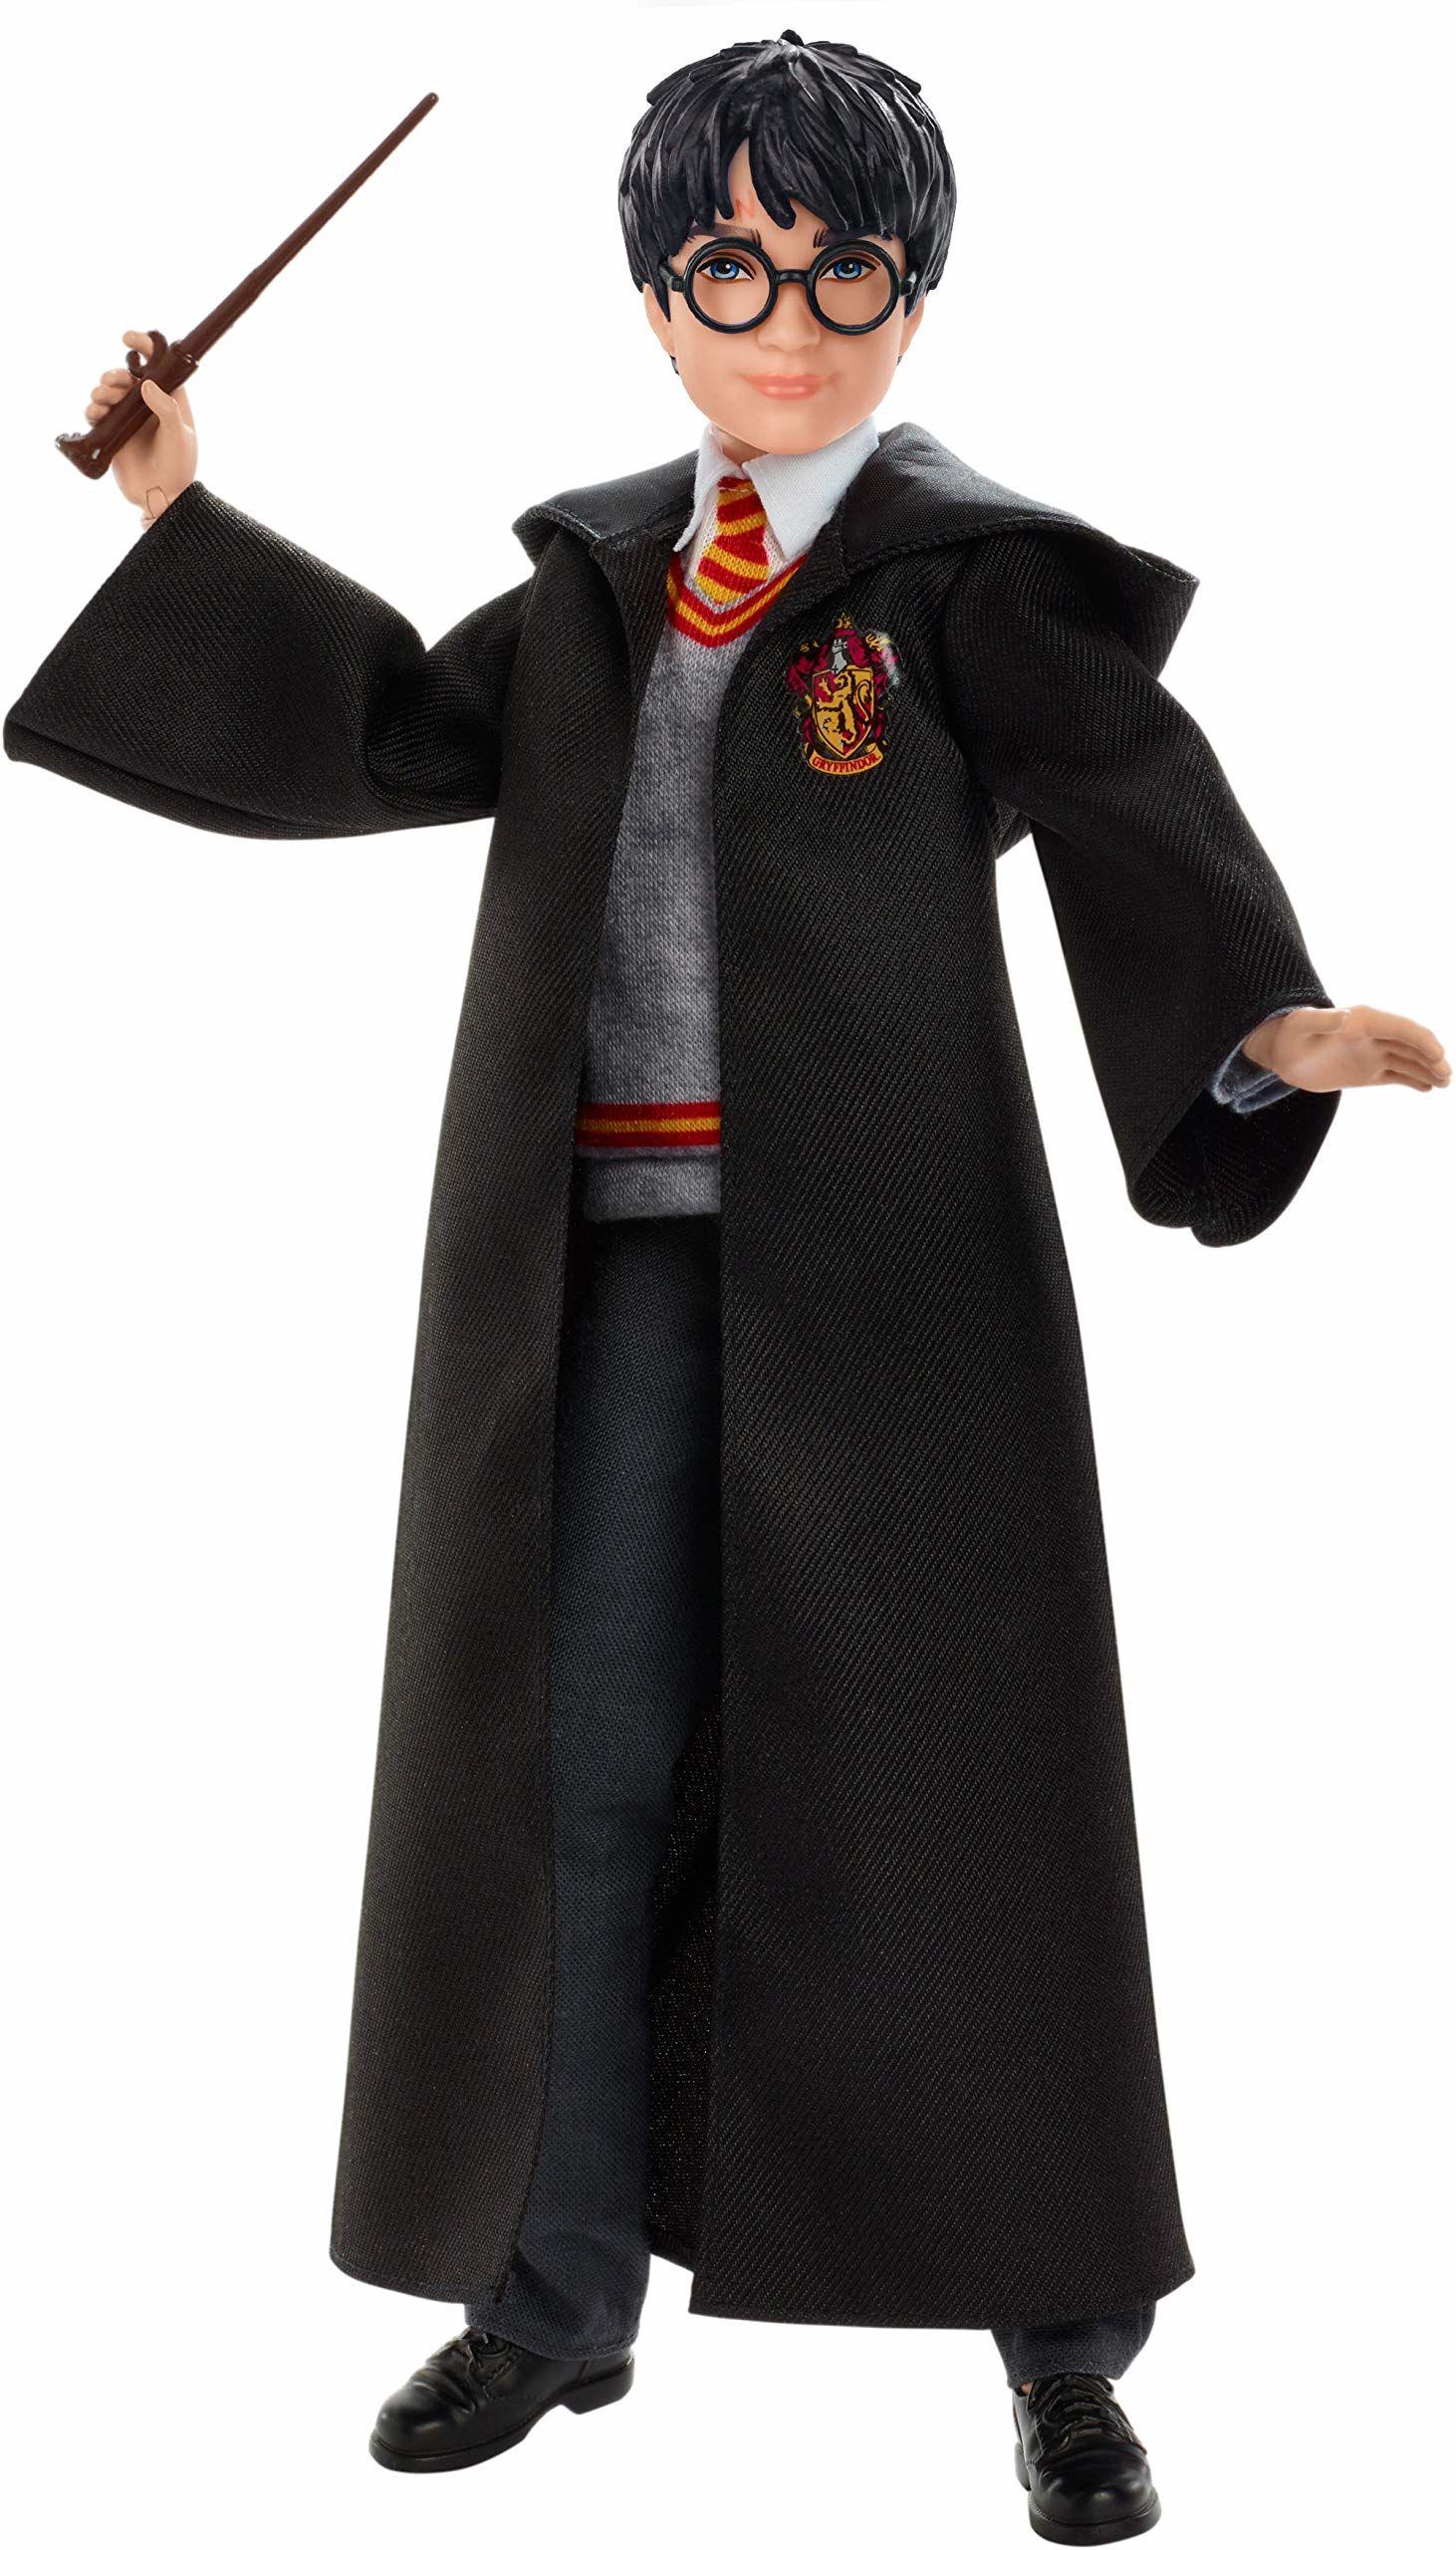 Harry Potter, Harry Potter Lalka Kolekcjonerska (Wysokość: 26 Cm) Z Mundurkiem Hogwartu, Szatą Gryffindoru I Różdżką FYM50